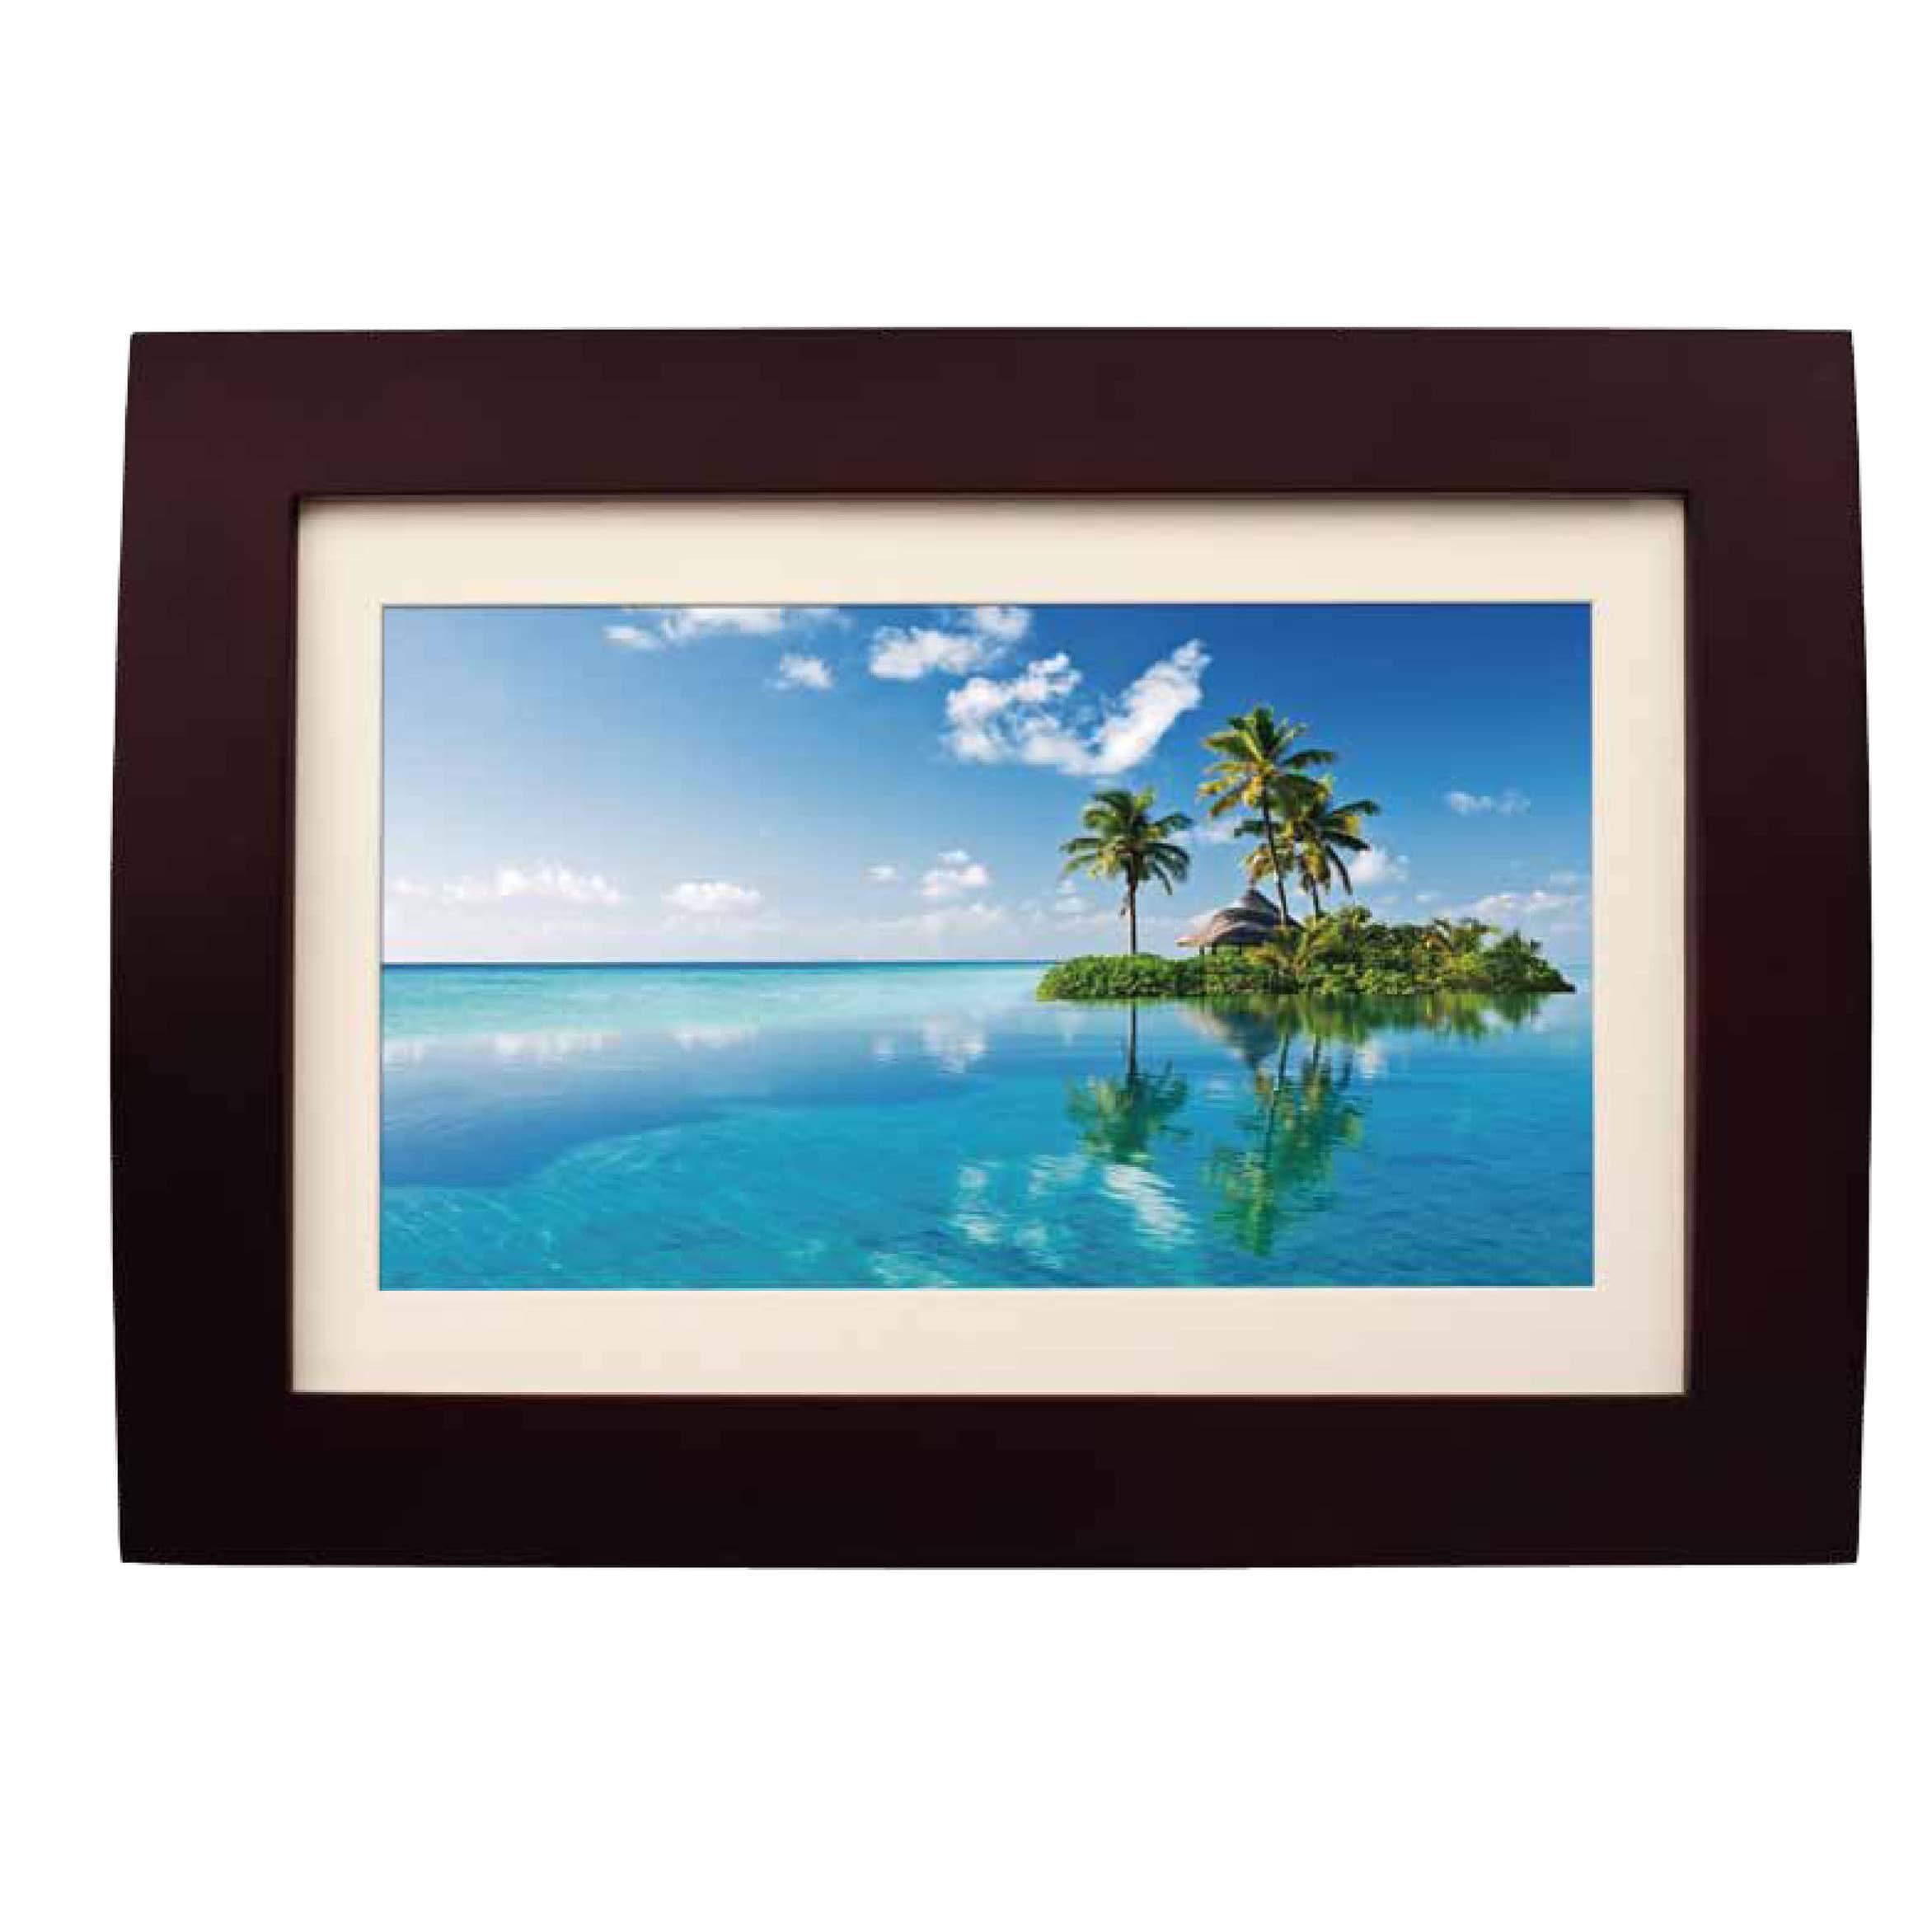 Berühmt Digital Picture Frame Wood Bilder - Benutzerdefinierte ...